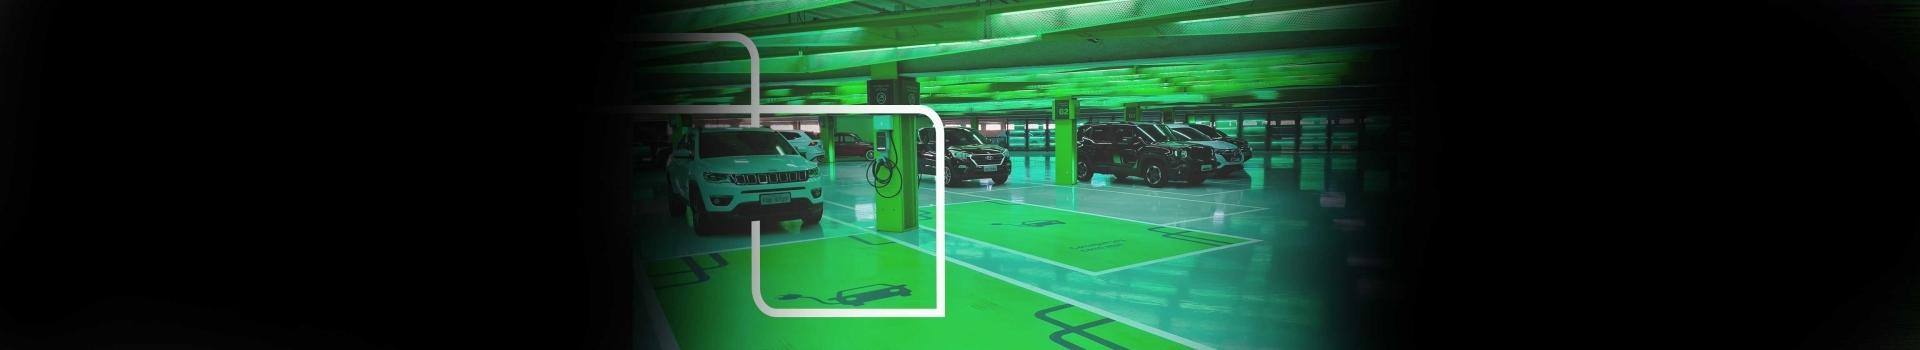 carros parados dentro do estacionamento com vagas para carros elétricos